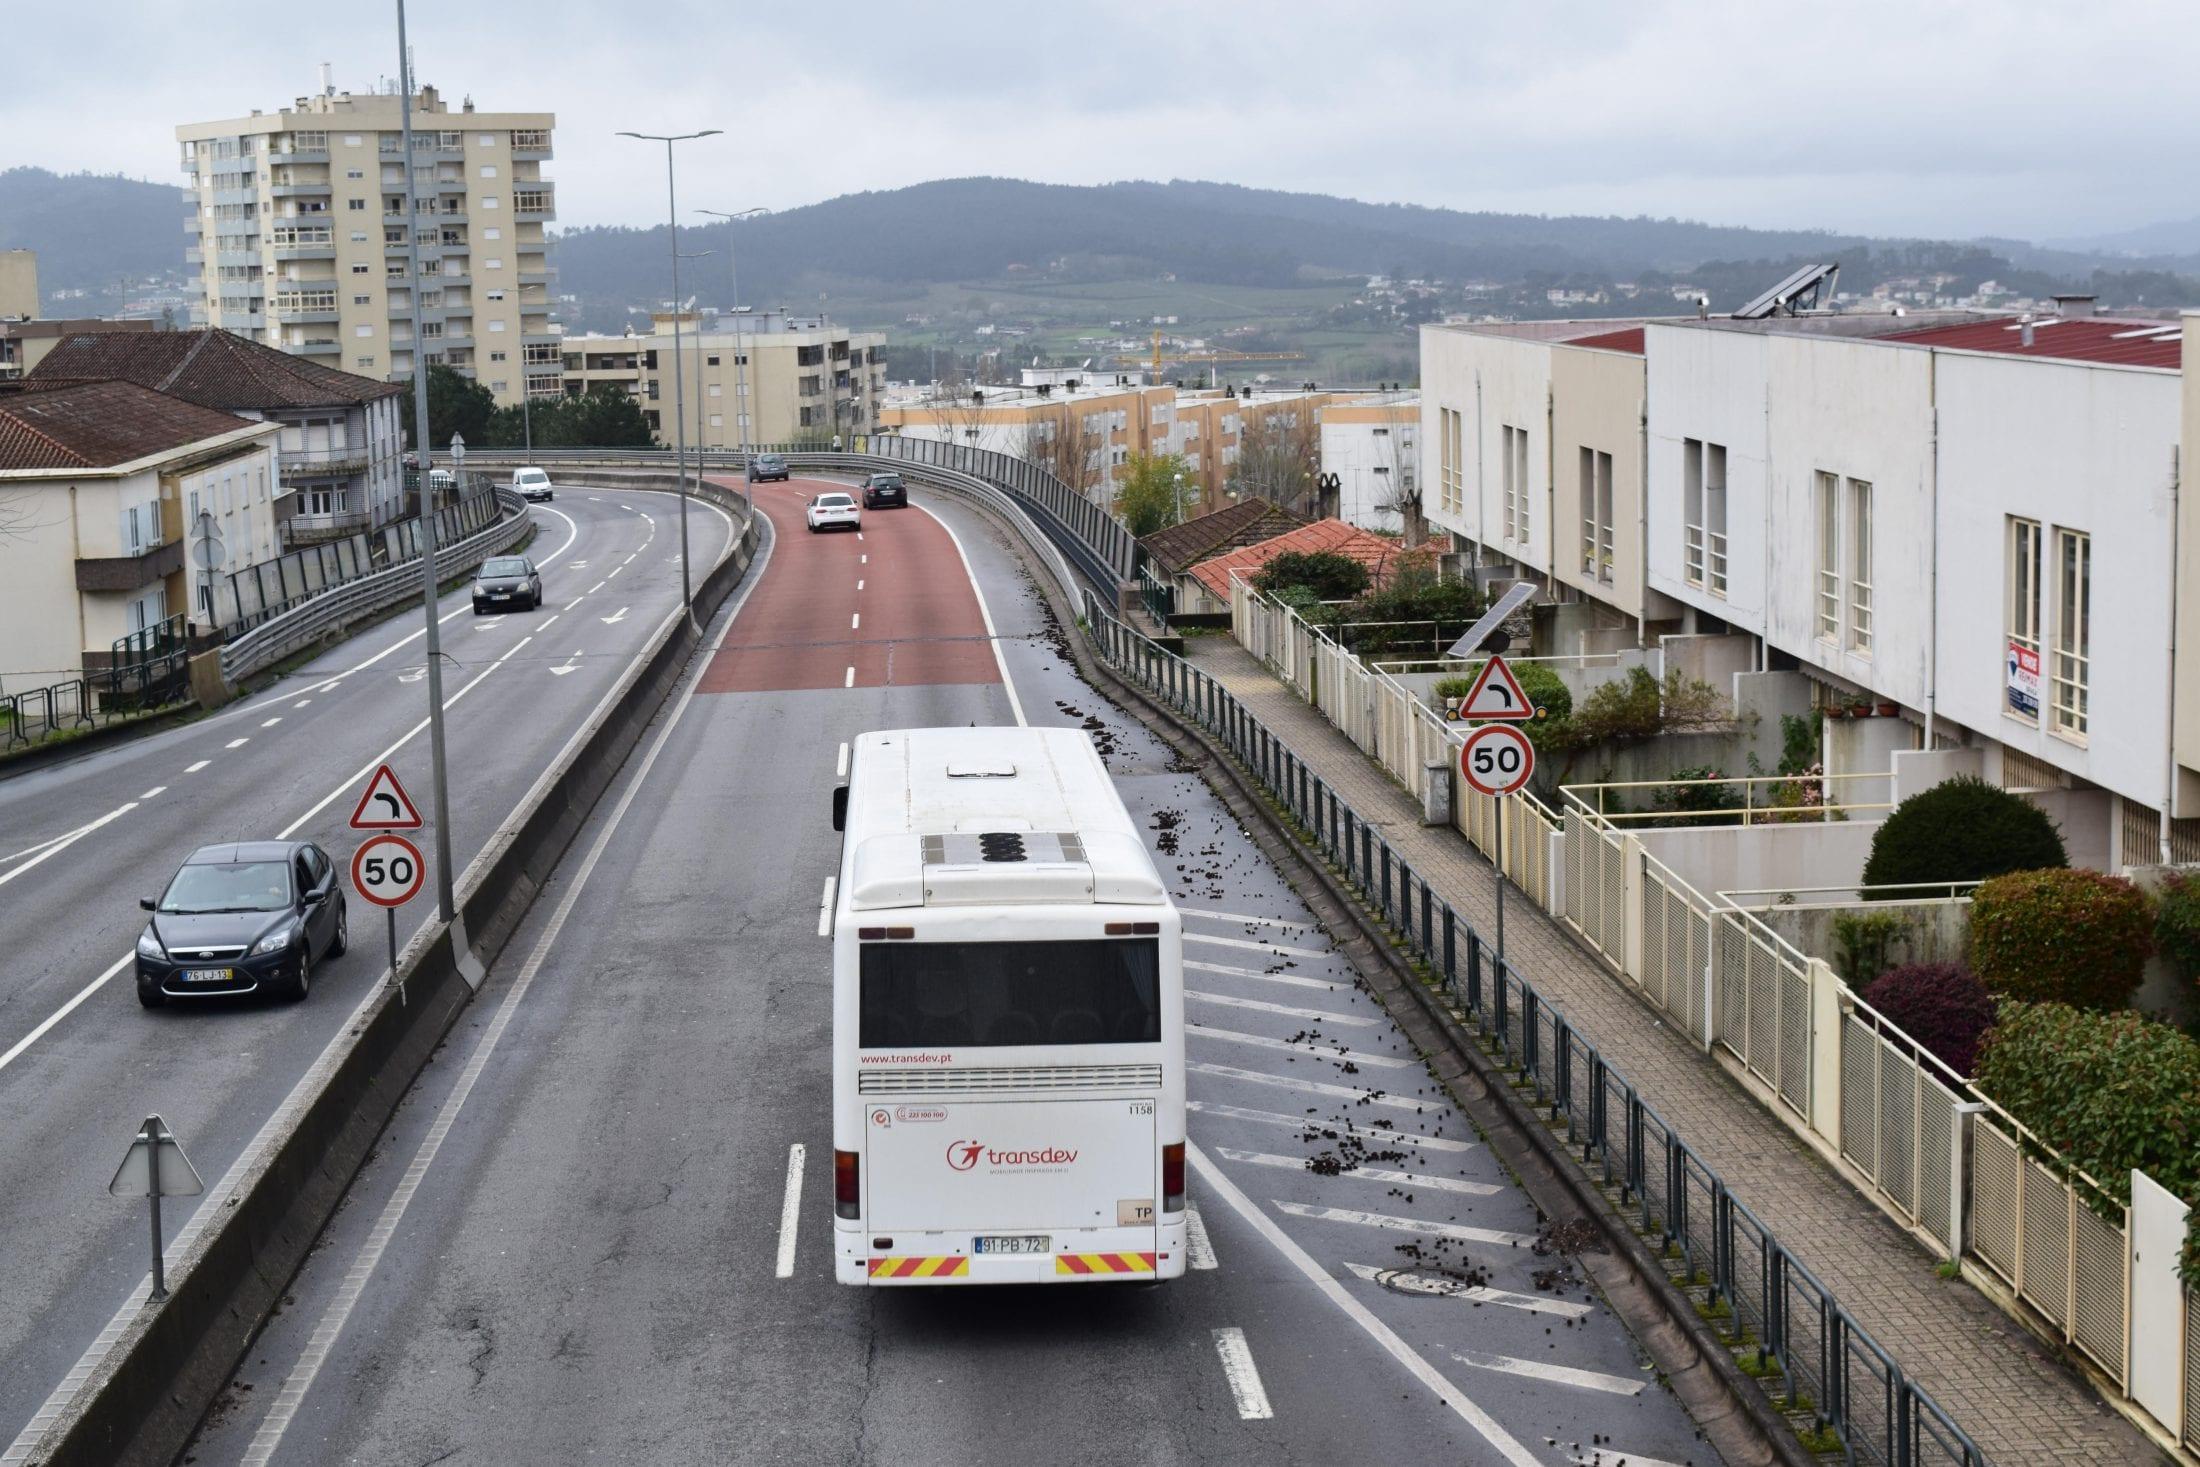 """Nova rede de transporte público gratuita de passageiros para populações do Cávado lançada a """"curto prazo"""""""